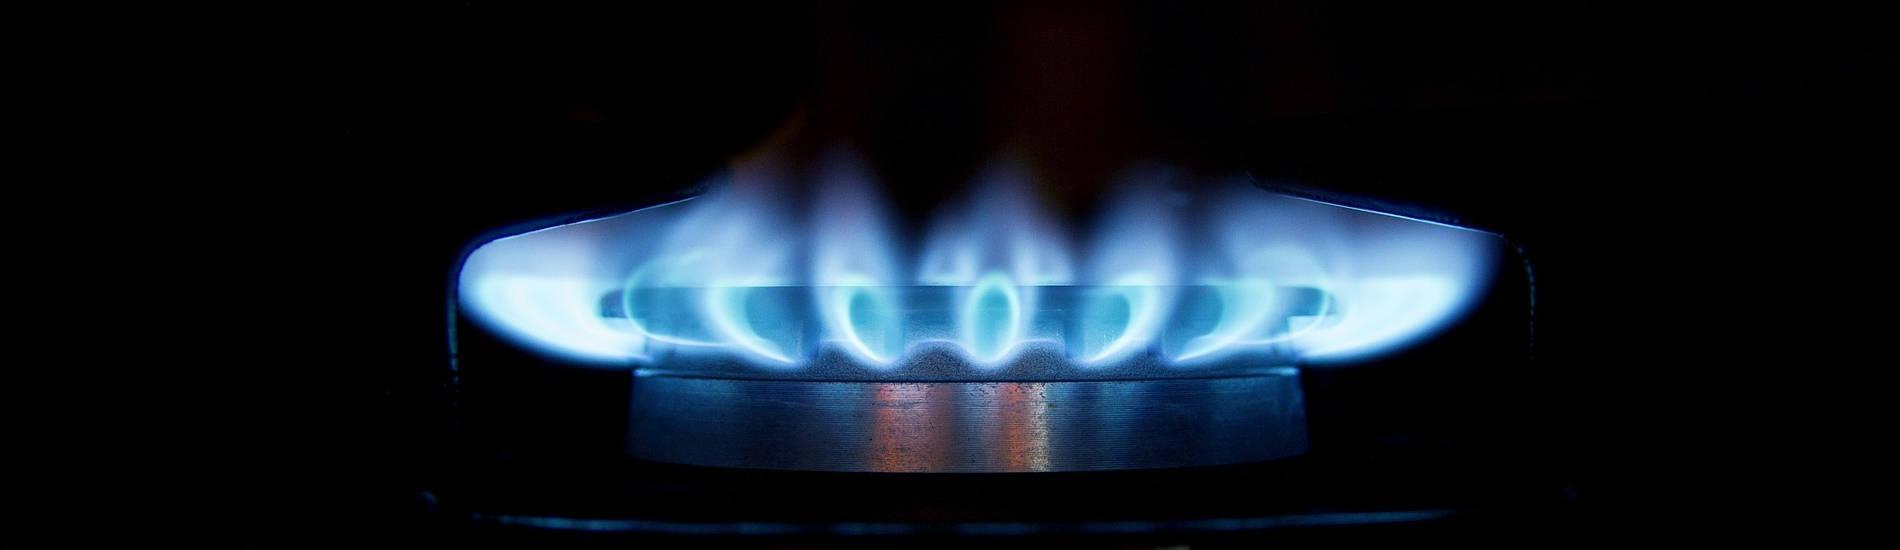 Gosport boiler services